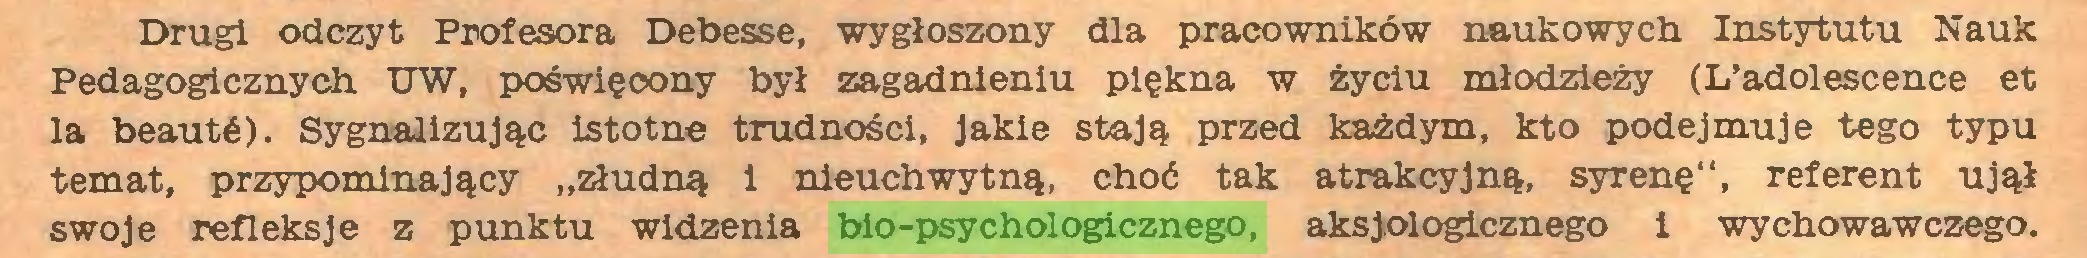 """(...) Drugi odczyt Profesora Debesse, wygłoszony dla pracowników naukowych Instytutu Nauk Pedagogicznych UW, poświęoony był zagadnieniu piękna w życiu młodzieży (L'adolescence et la beauté). Sygnalizując istotne trudności, jakie stają przed każdym, kto podejmuje tego typu temat, przypominający """"złudną i nieuchwytną, choć tak atrakcyjną, syrenę"""", referent ujął swoje refleksje z punktu widzenia bio-psychologicznego, aksjologicznego i wychowawczego..."""